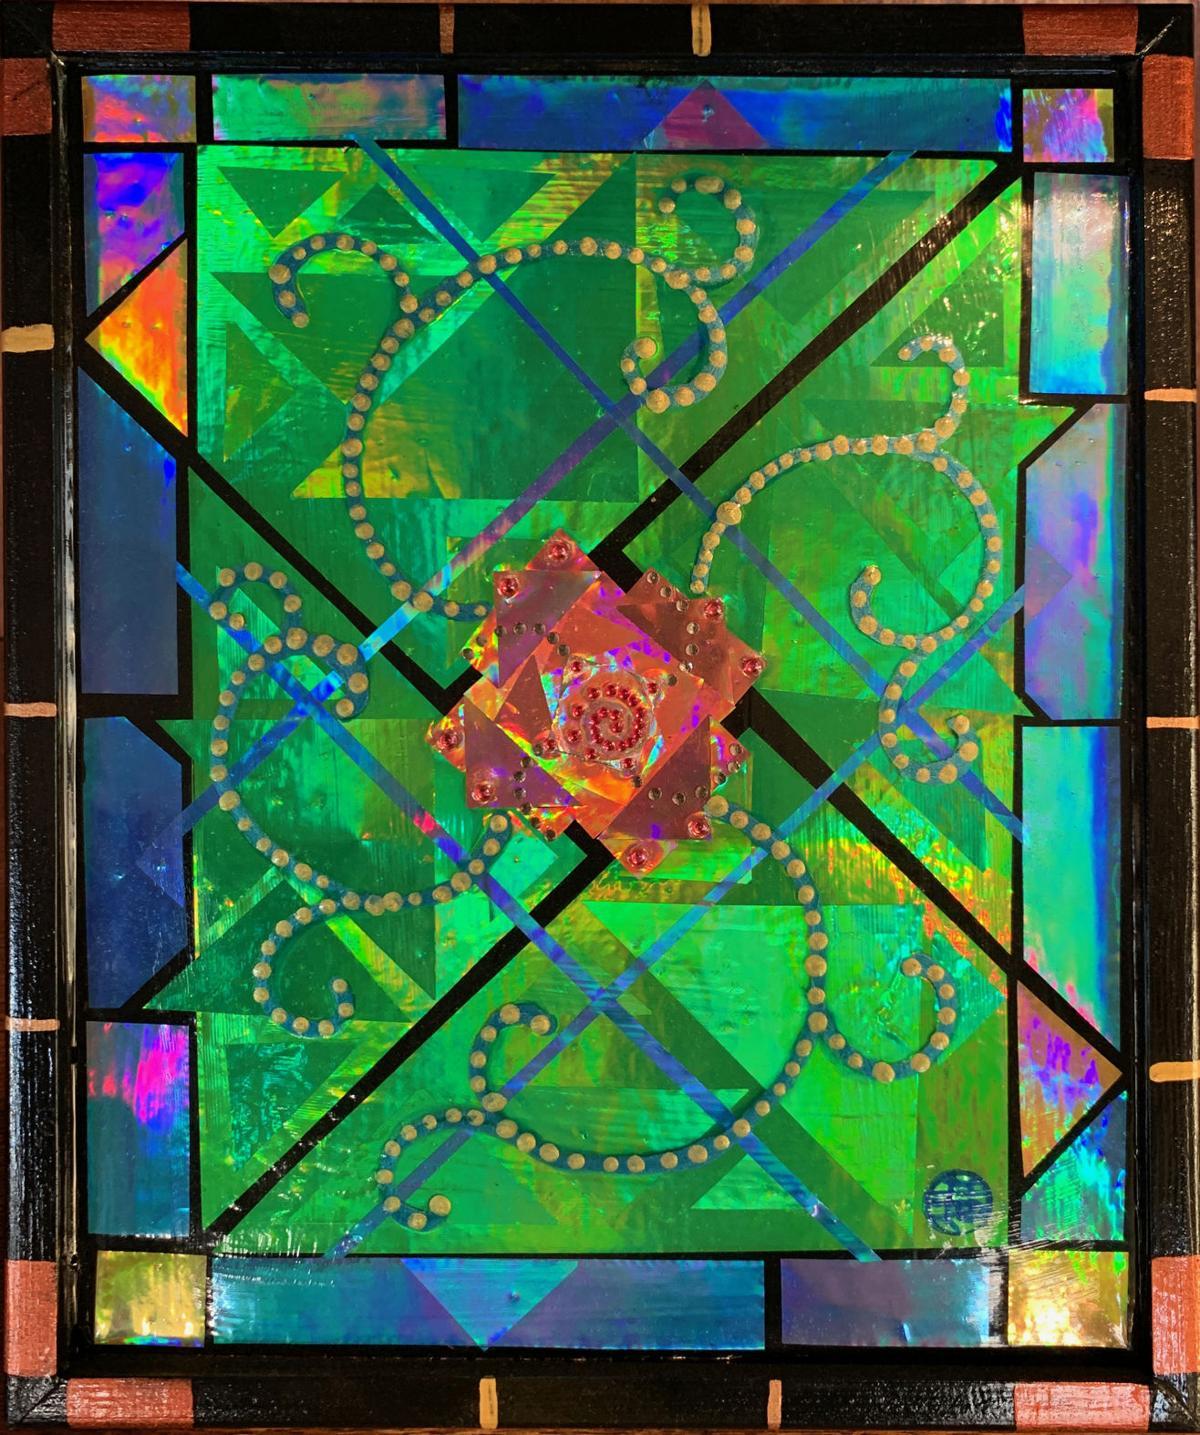 210128-yh-scene-lynxcolumn-2.jpg